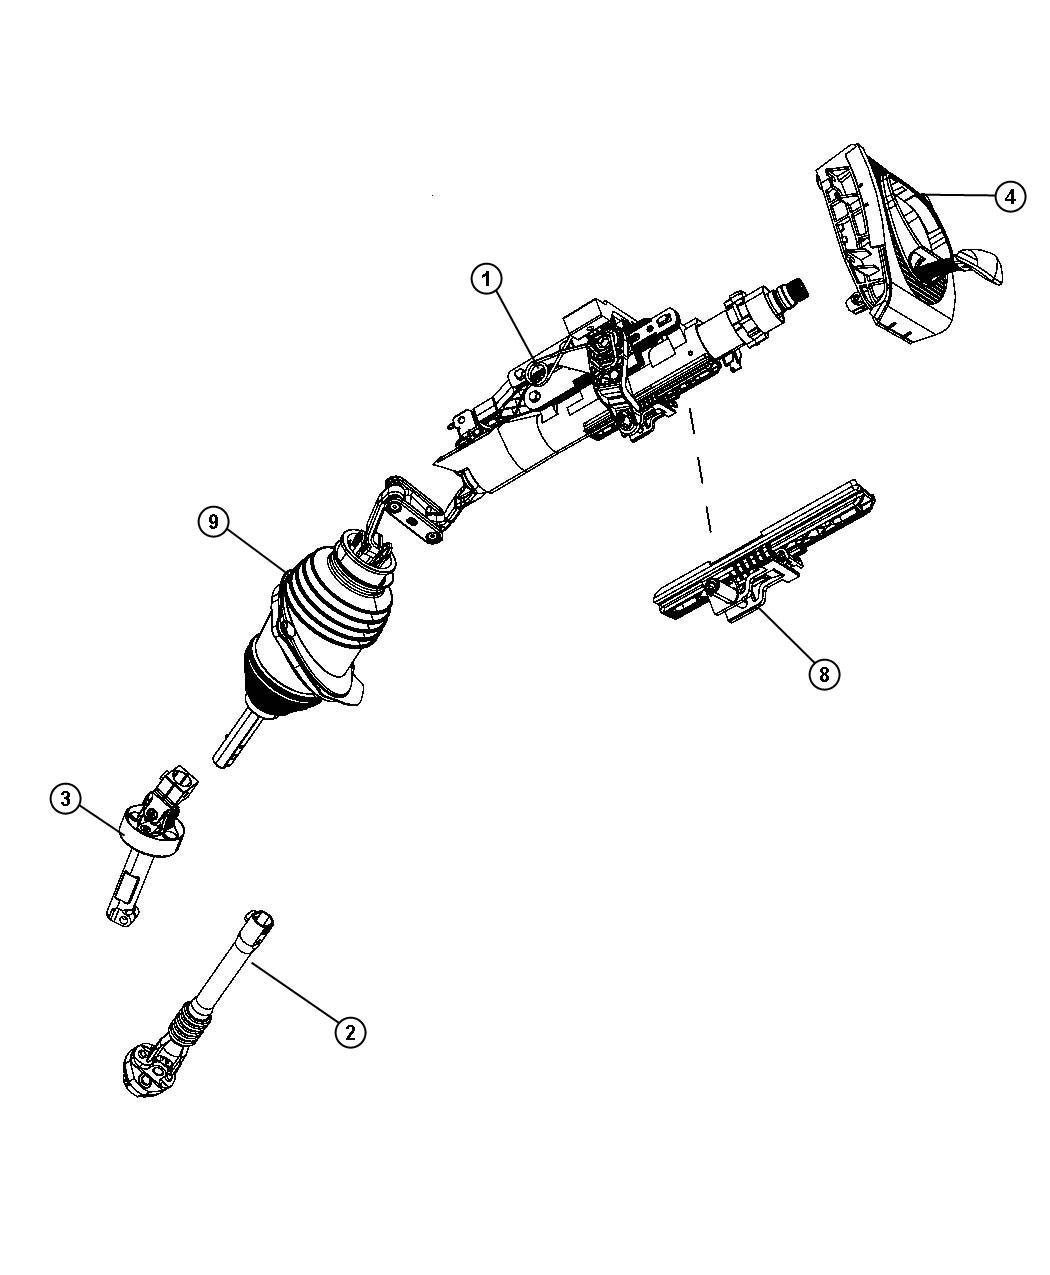 Dodge Charger Tilt lock package. Manual steering column